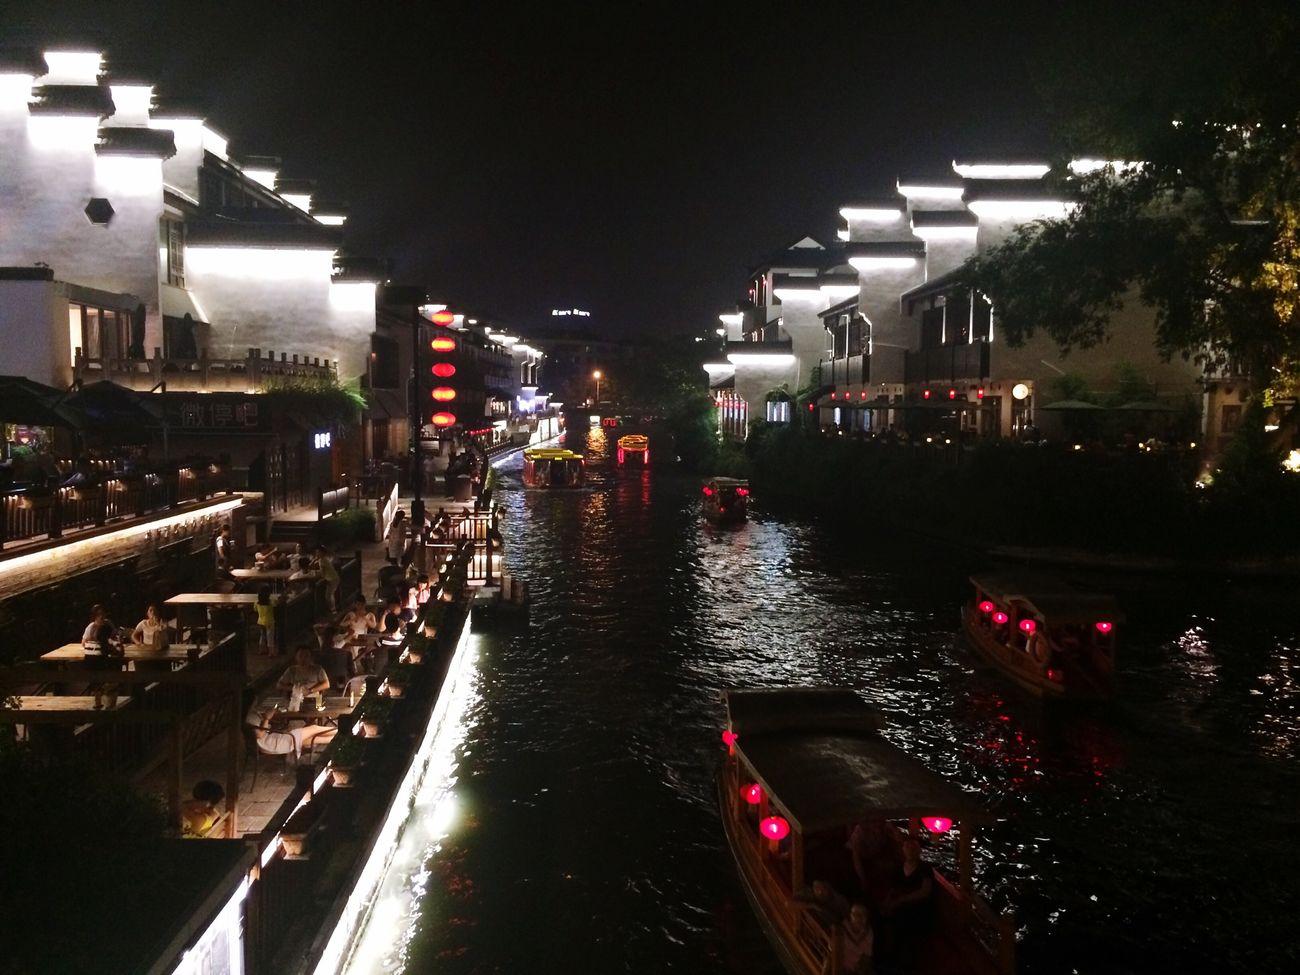 Nanjing Taking Photos Qinhuai River Nice View Cool